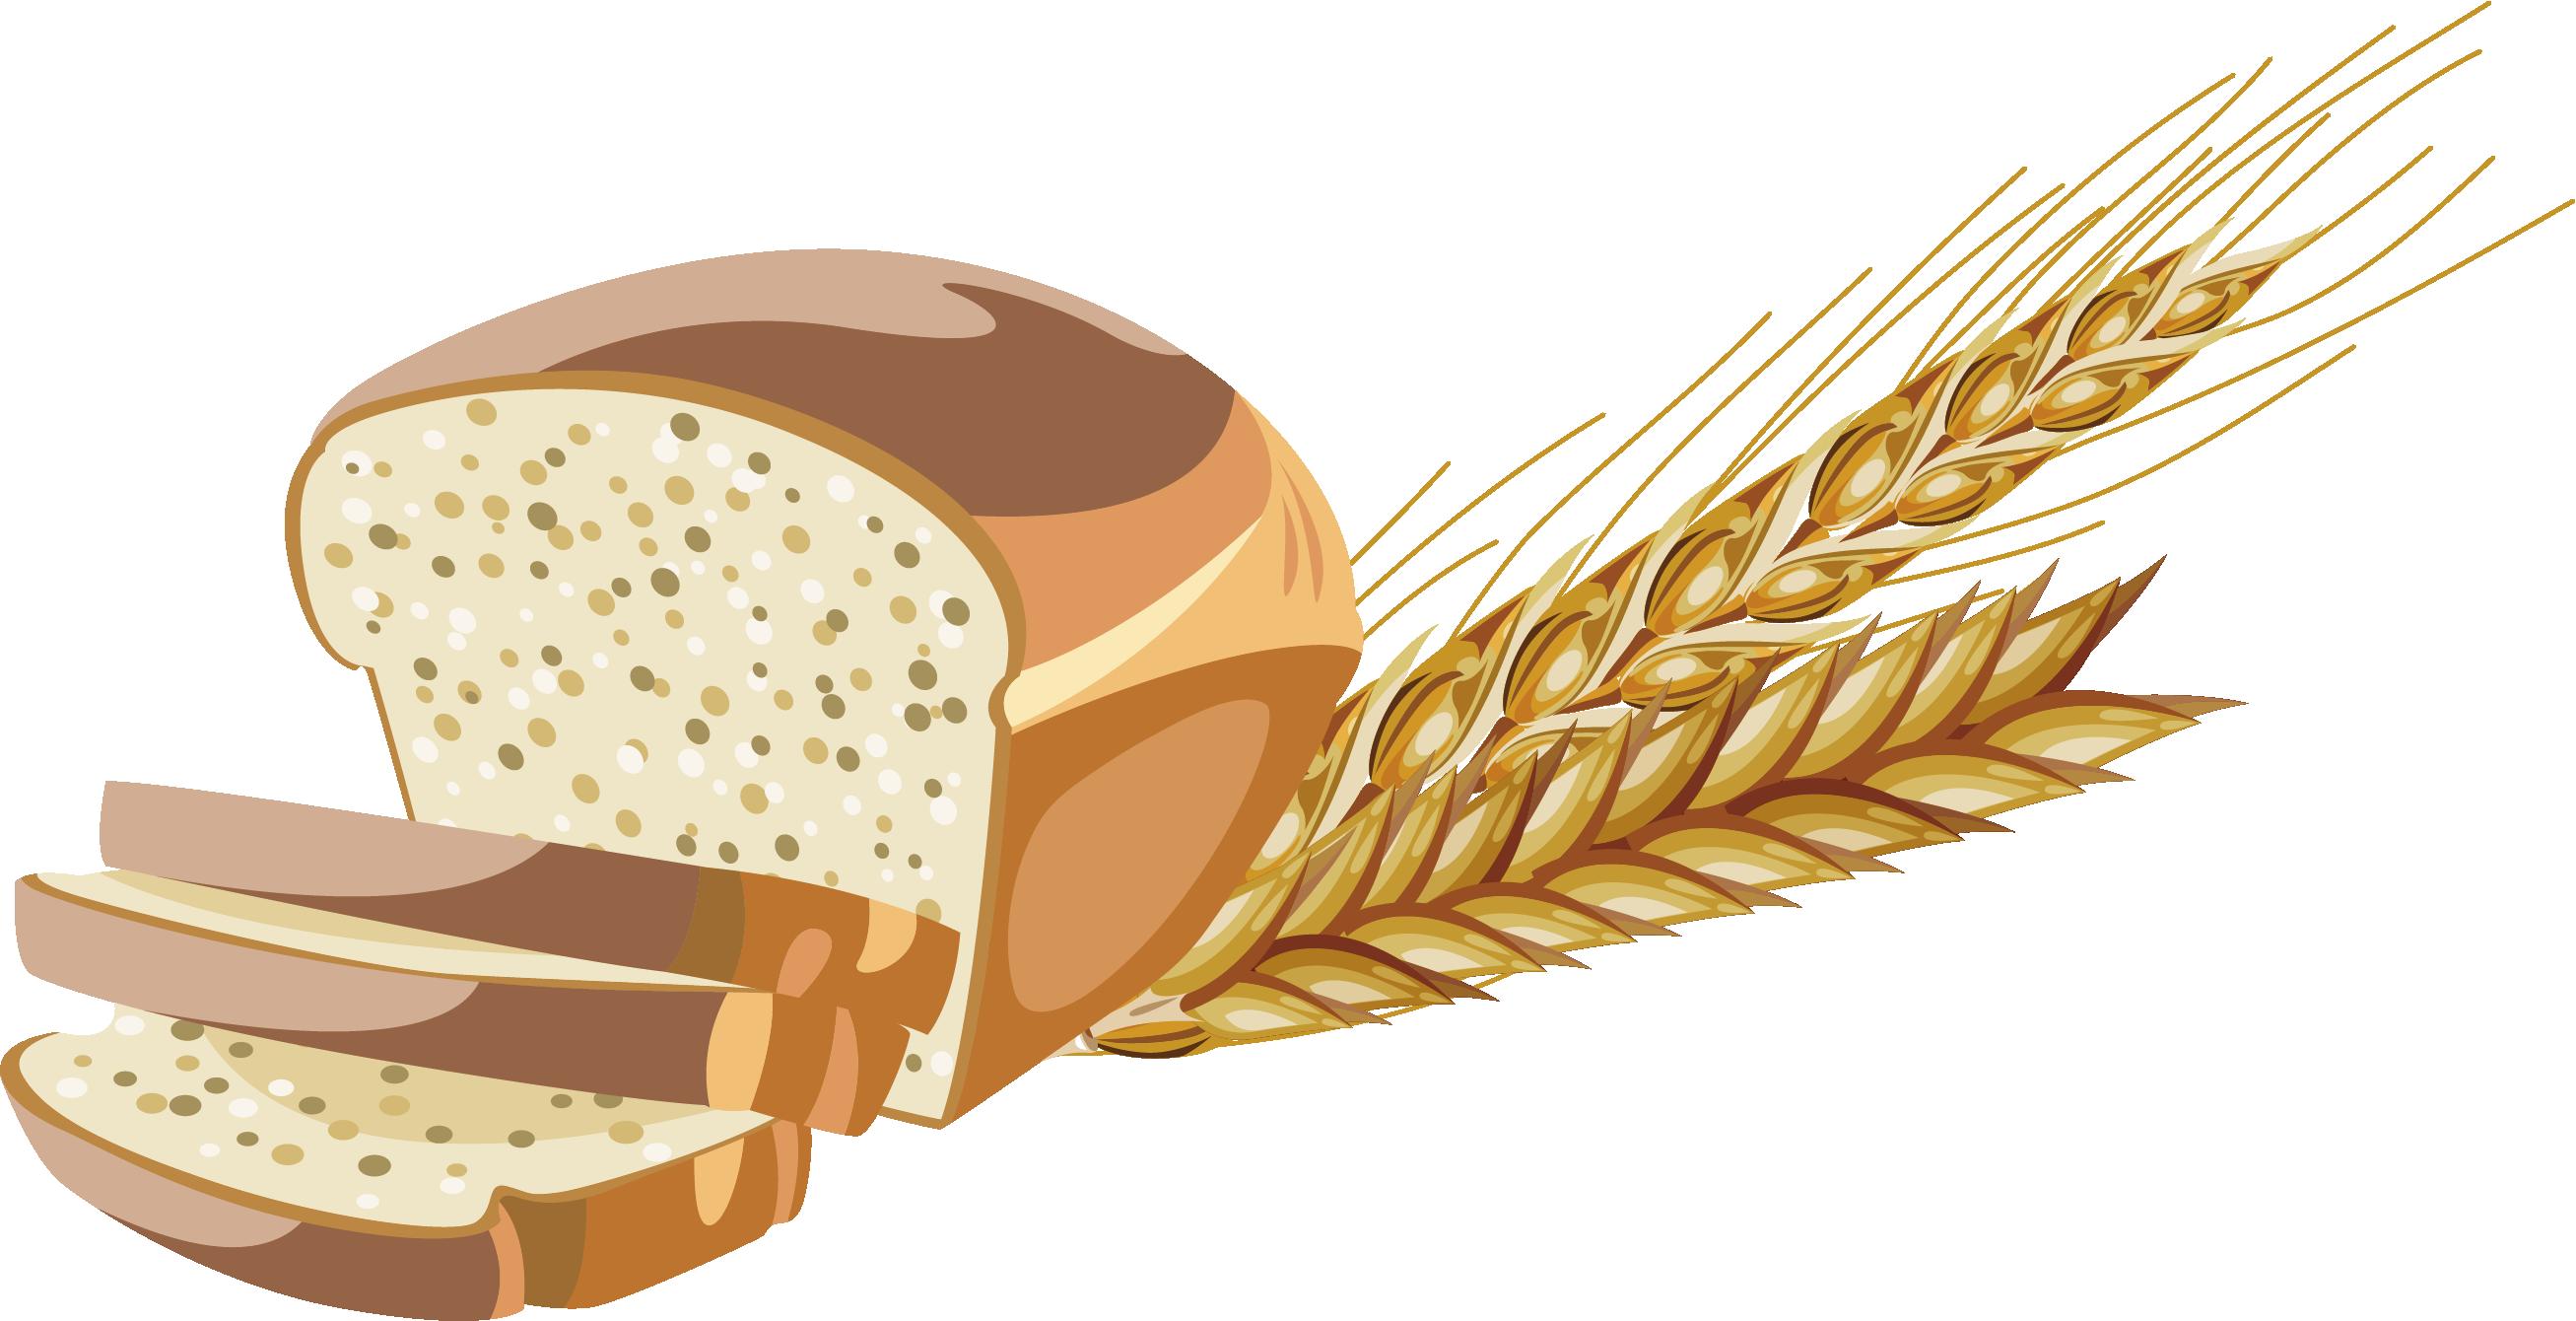 Grains clipart piece wheat, Grains piece wheat Transparent.